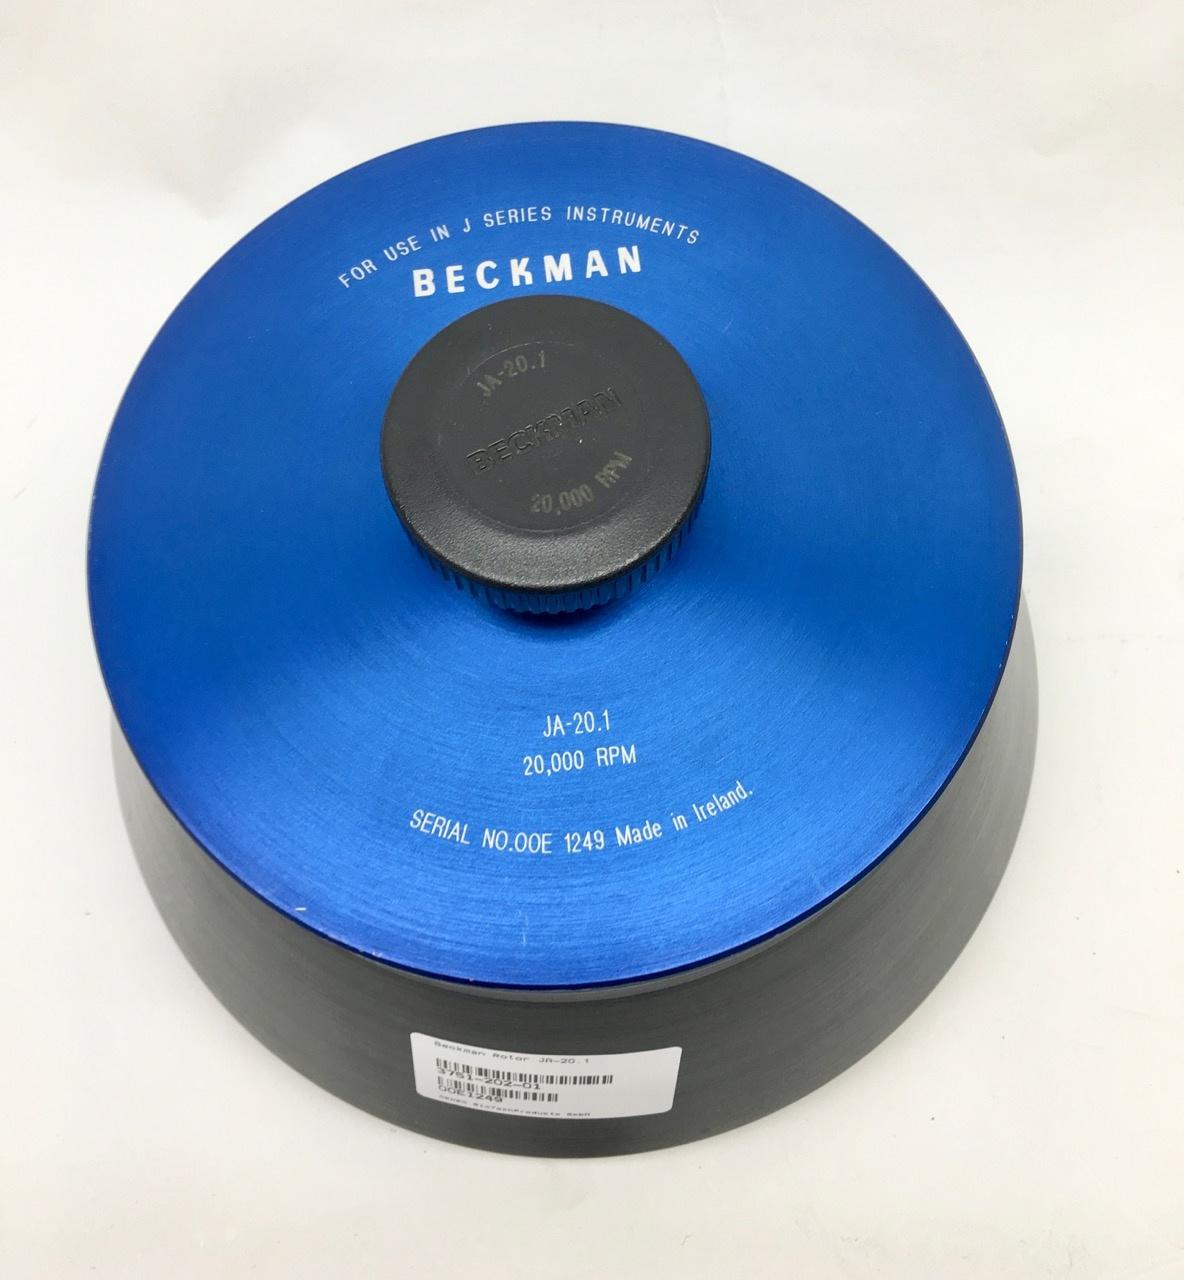 Beckman Beckman JA-20.1 Rotor